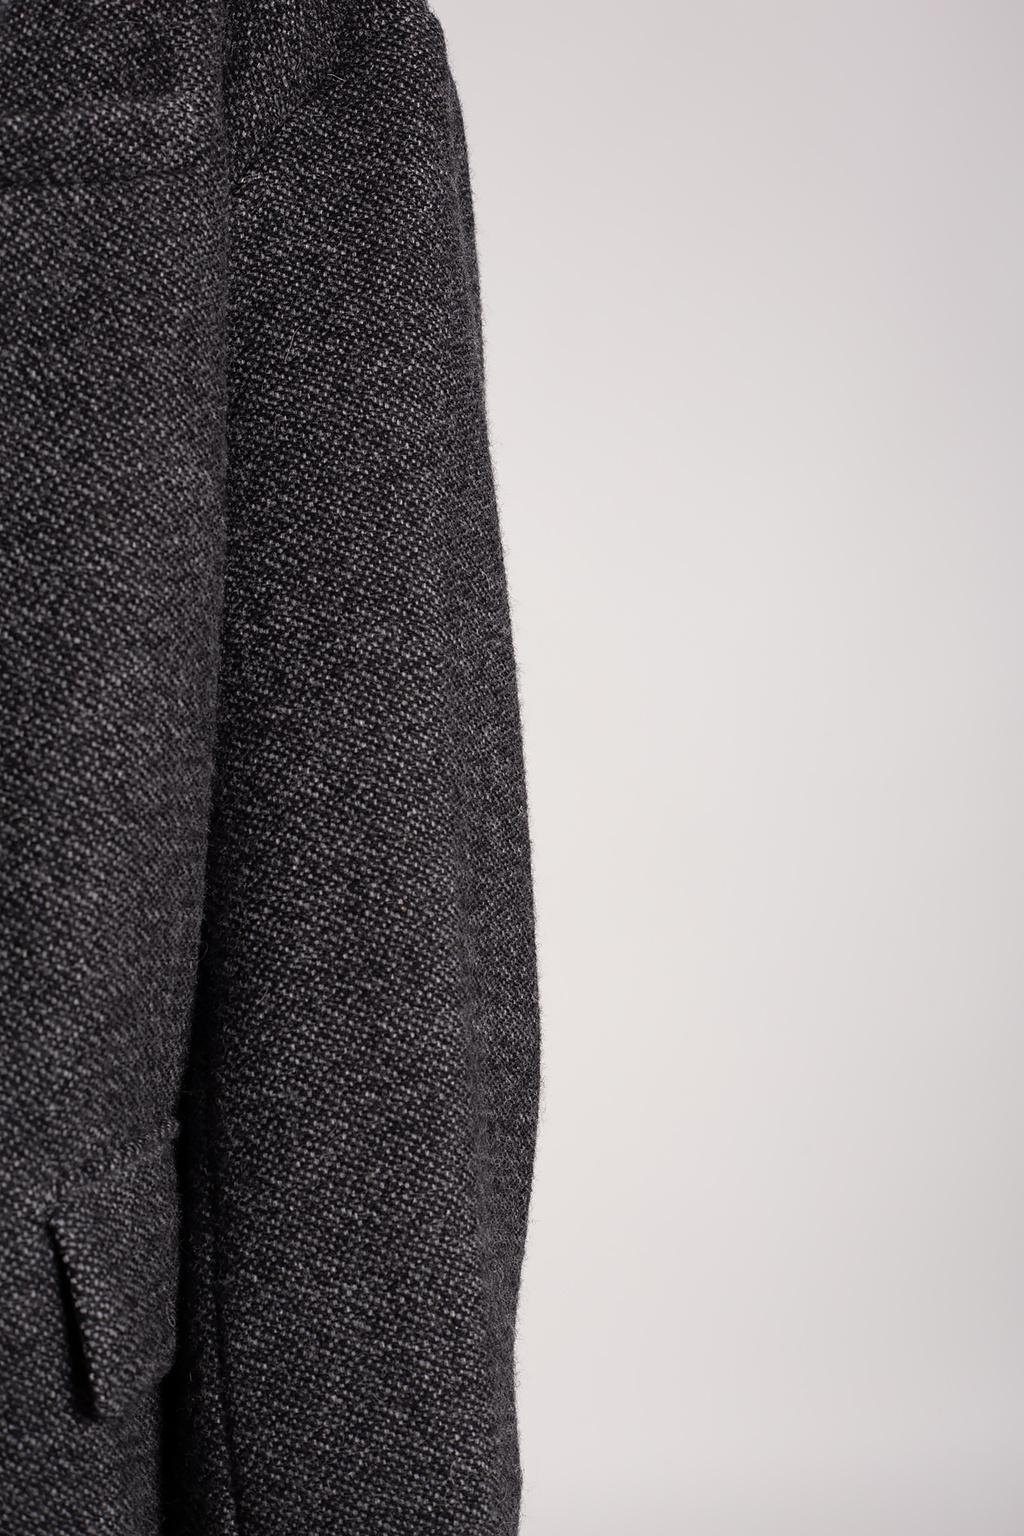 Isabel Marant Etoile Coat with pockets